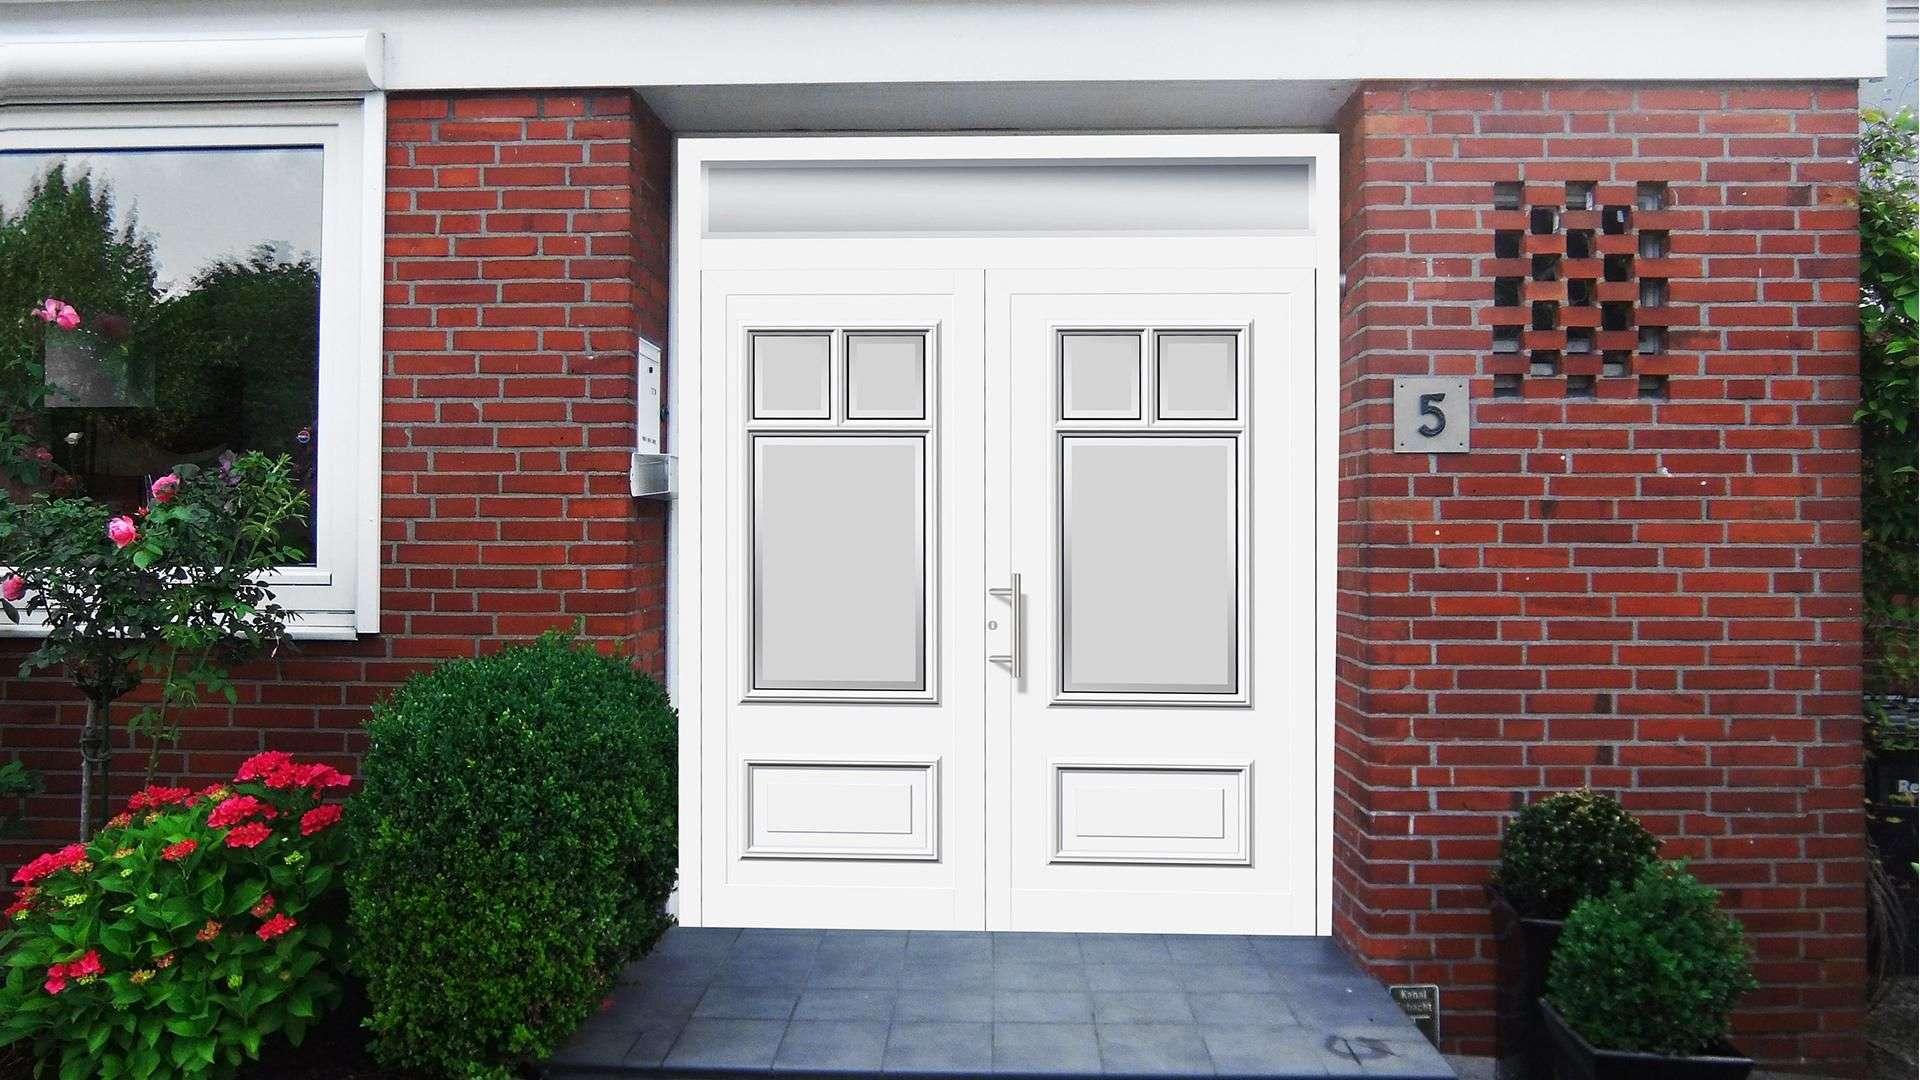 konfigurierte Haustür in rotem Klinker